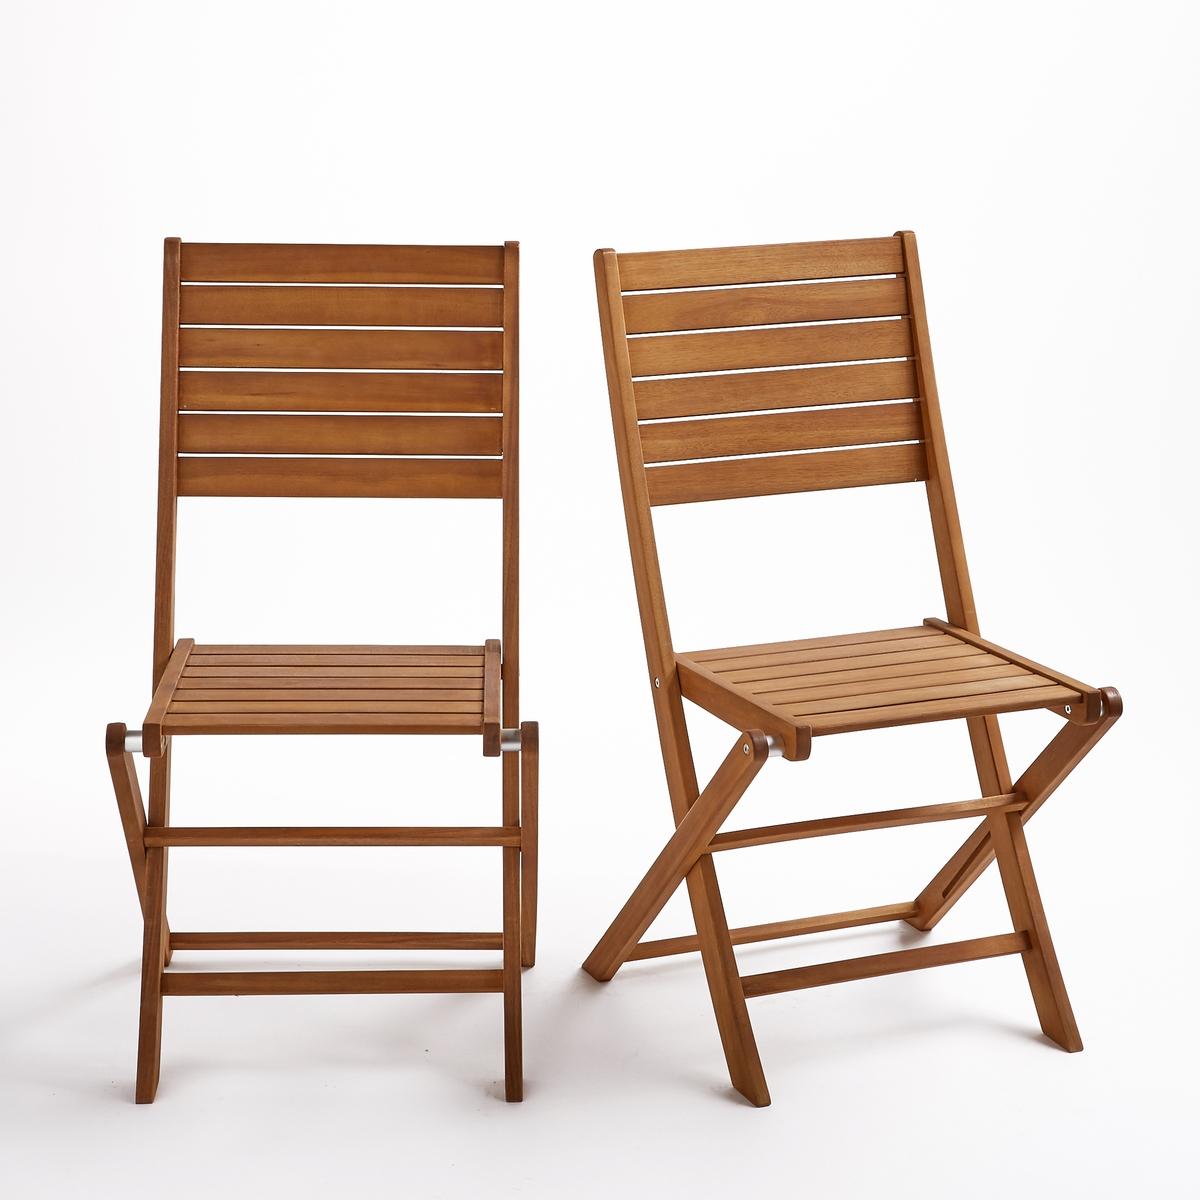 Комплект из 2 складных стульев из эвкалипта, EukaХарактеристики складных садовых стульев Euka :Эвкалипт, отделка под тиковое дерево.Эвкалипт - очень качественная древесина. Устойчивая к повреждениям насекомыми  и грибками. Для ухода наносить 1 слой масла 2 раза в год (масло для экзотических пород дерева доступно на сайте).Дощатые спинка и сиденье  .Всю коллекцию Euka вы можете найти на сайте laredoute.ru.Размеры складных садовых стульев Euka :Сиденье : Ш.43 x Г.39 x В.45 см.Общие размеры: Ш.48 x В.92 x Г.53 см Для большего комфорта, вы можете надеть специальные чехлы на стулья, которые продаются на нашем сайте (нажмите на вкладку декоративный текстиль раздела Белье для дома) .Размеры и вес упаковки :Ш.108 x В.20 x Г.50,5 см.Вес : 11 кгДоставка:Не требует сборки. Возможна доставка до квартиры. Внимание     ! Убедитесь, что дверные, лестничные и лифтовые проемы позволяют осуществить доставку таких габаритов.<br><br>Цвет: светлое дерево эвкалипт